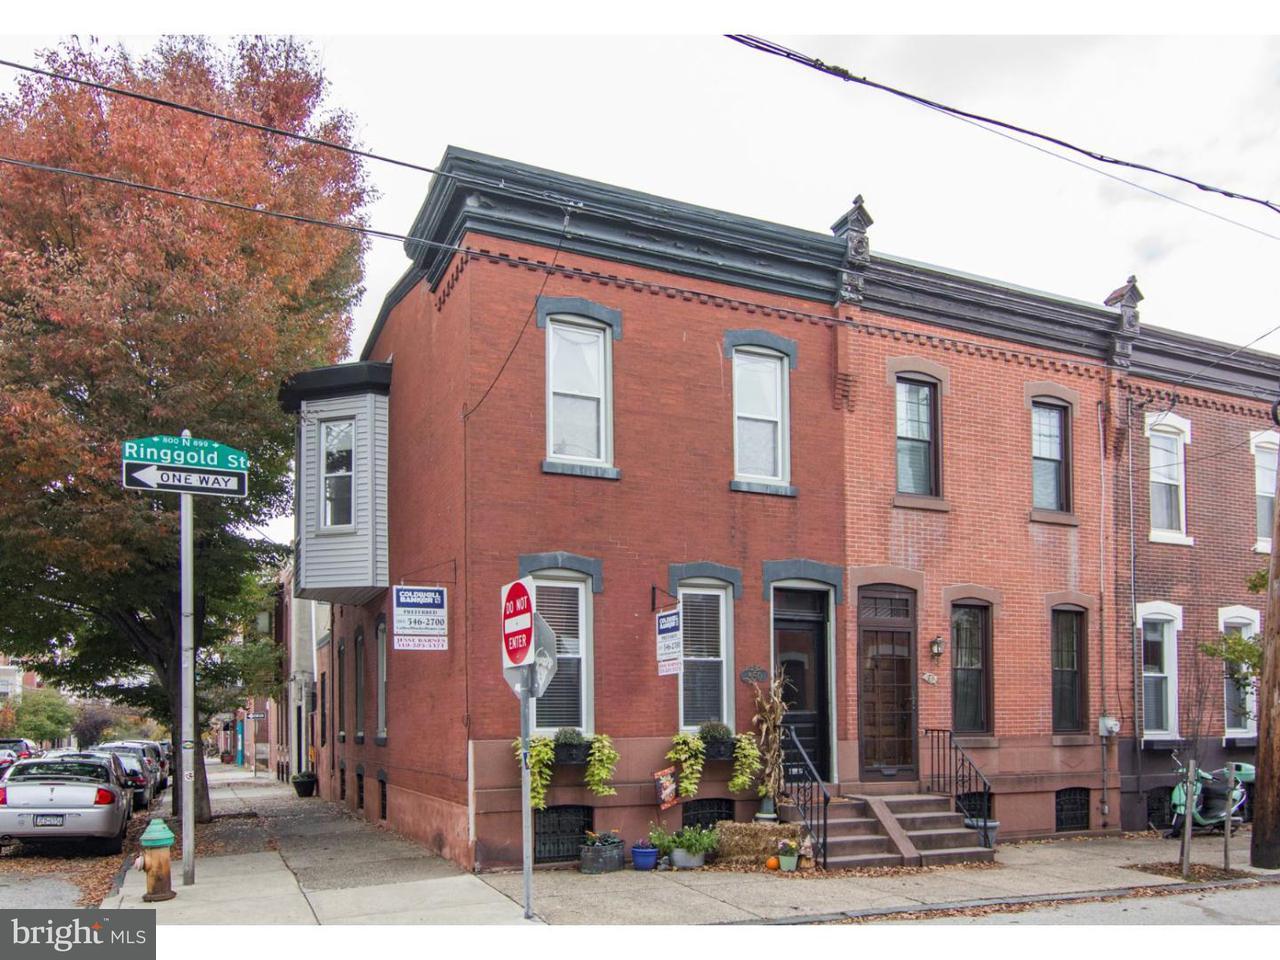 850 N Ringgold Philadelphia, PA 19130